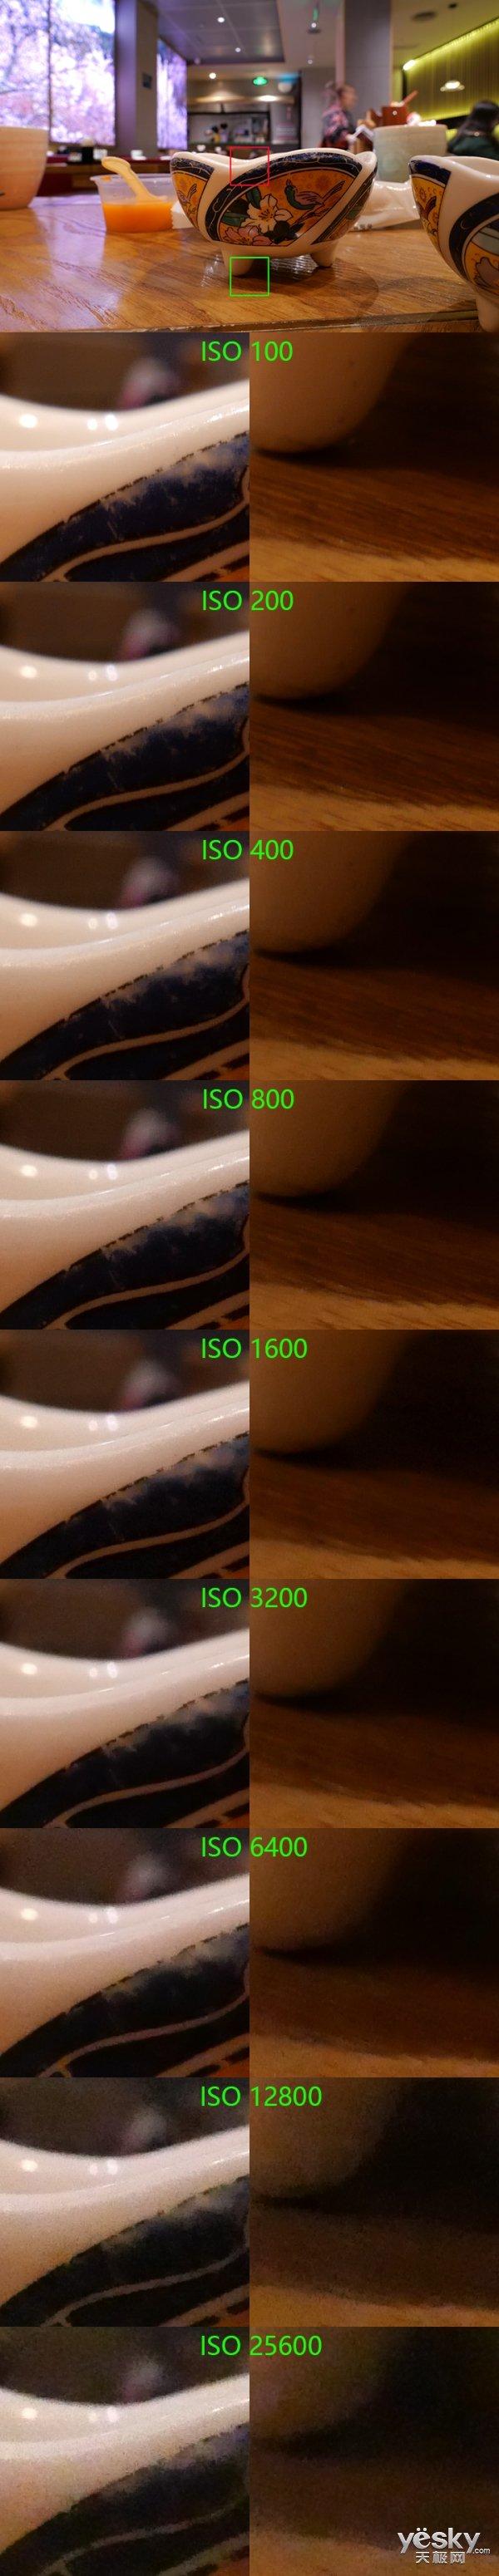 LX100 II评测